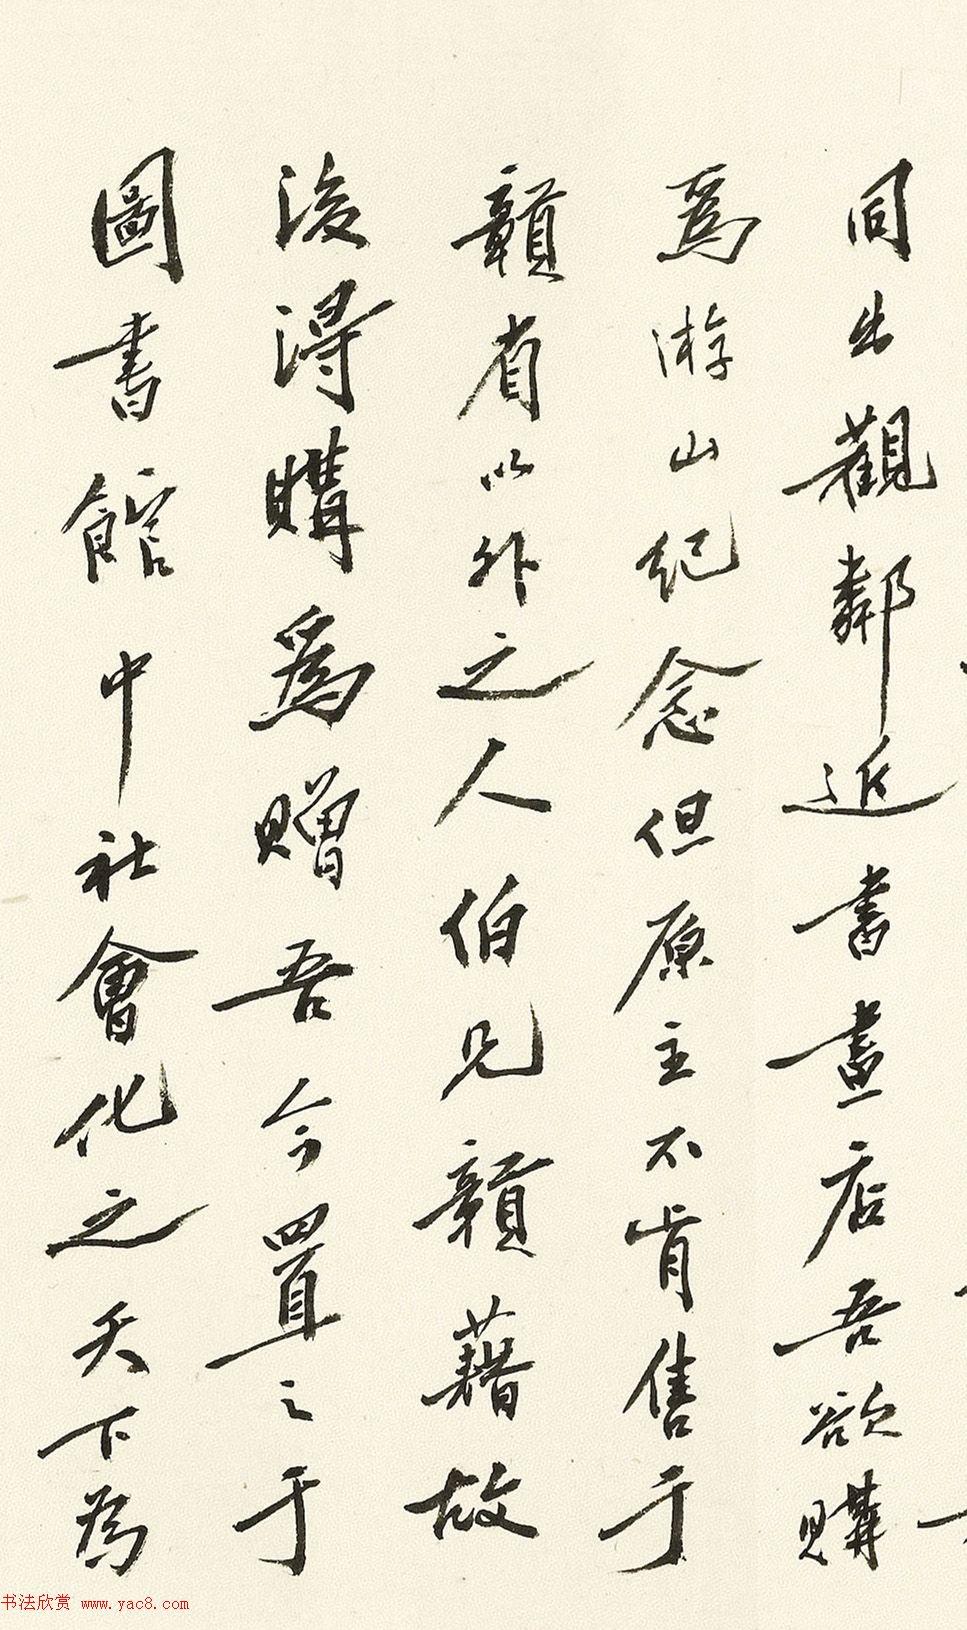 故宫博物院的创始人李煜瀛书法欣赏